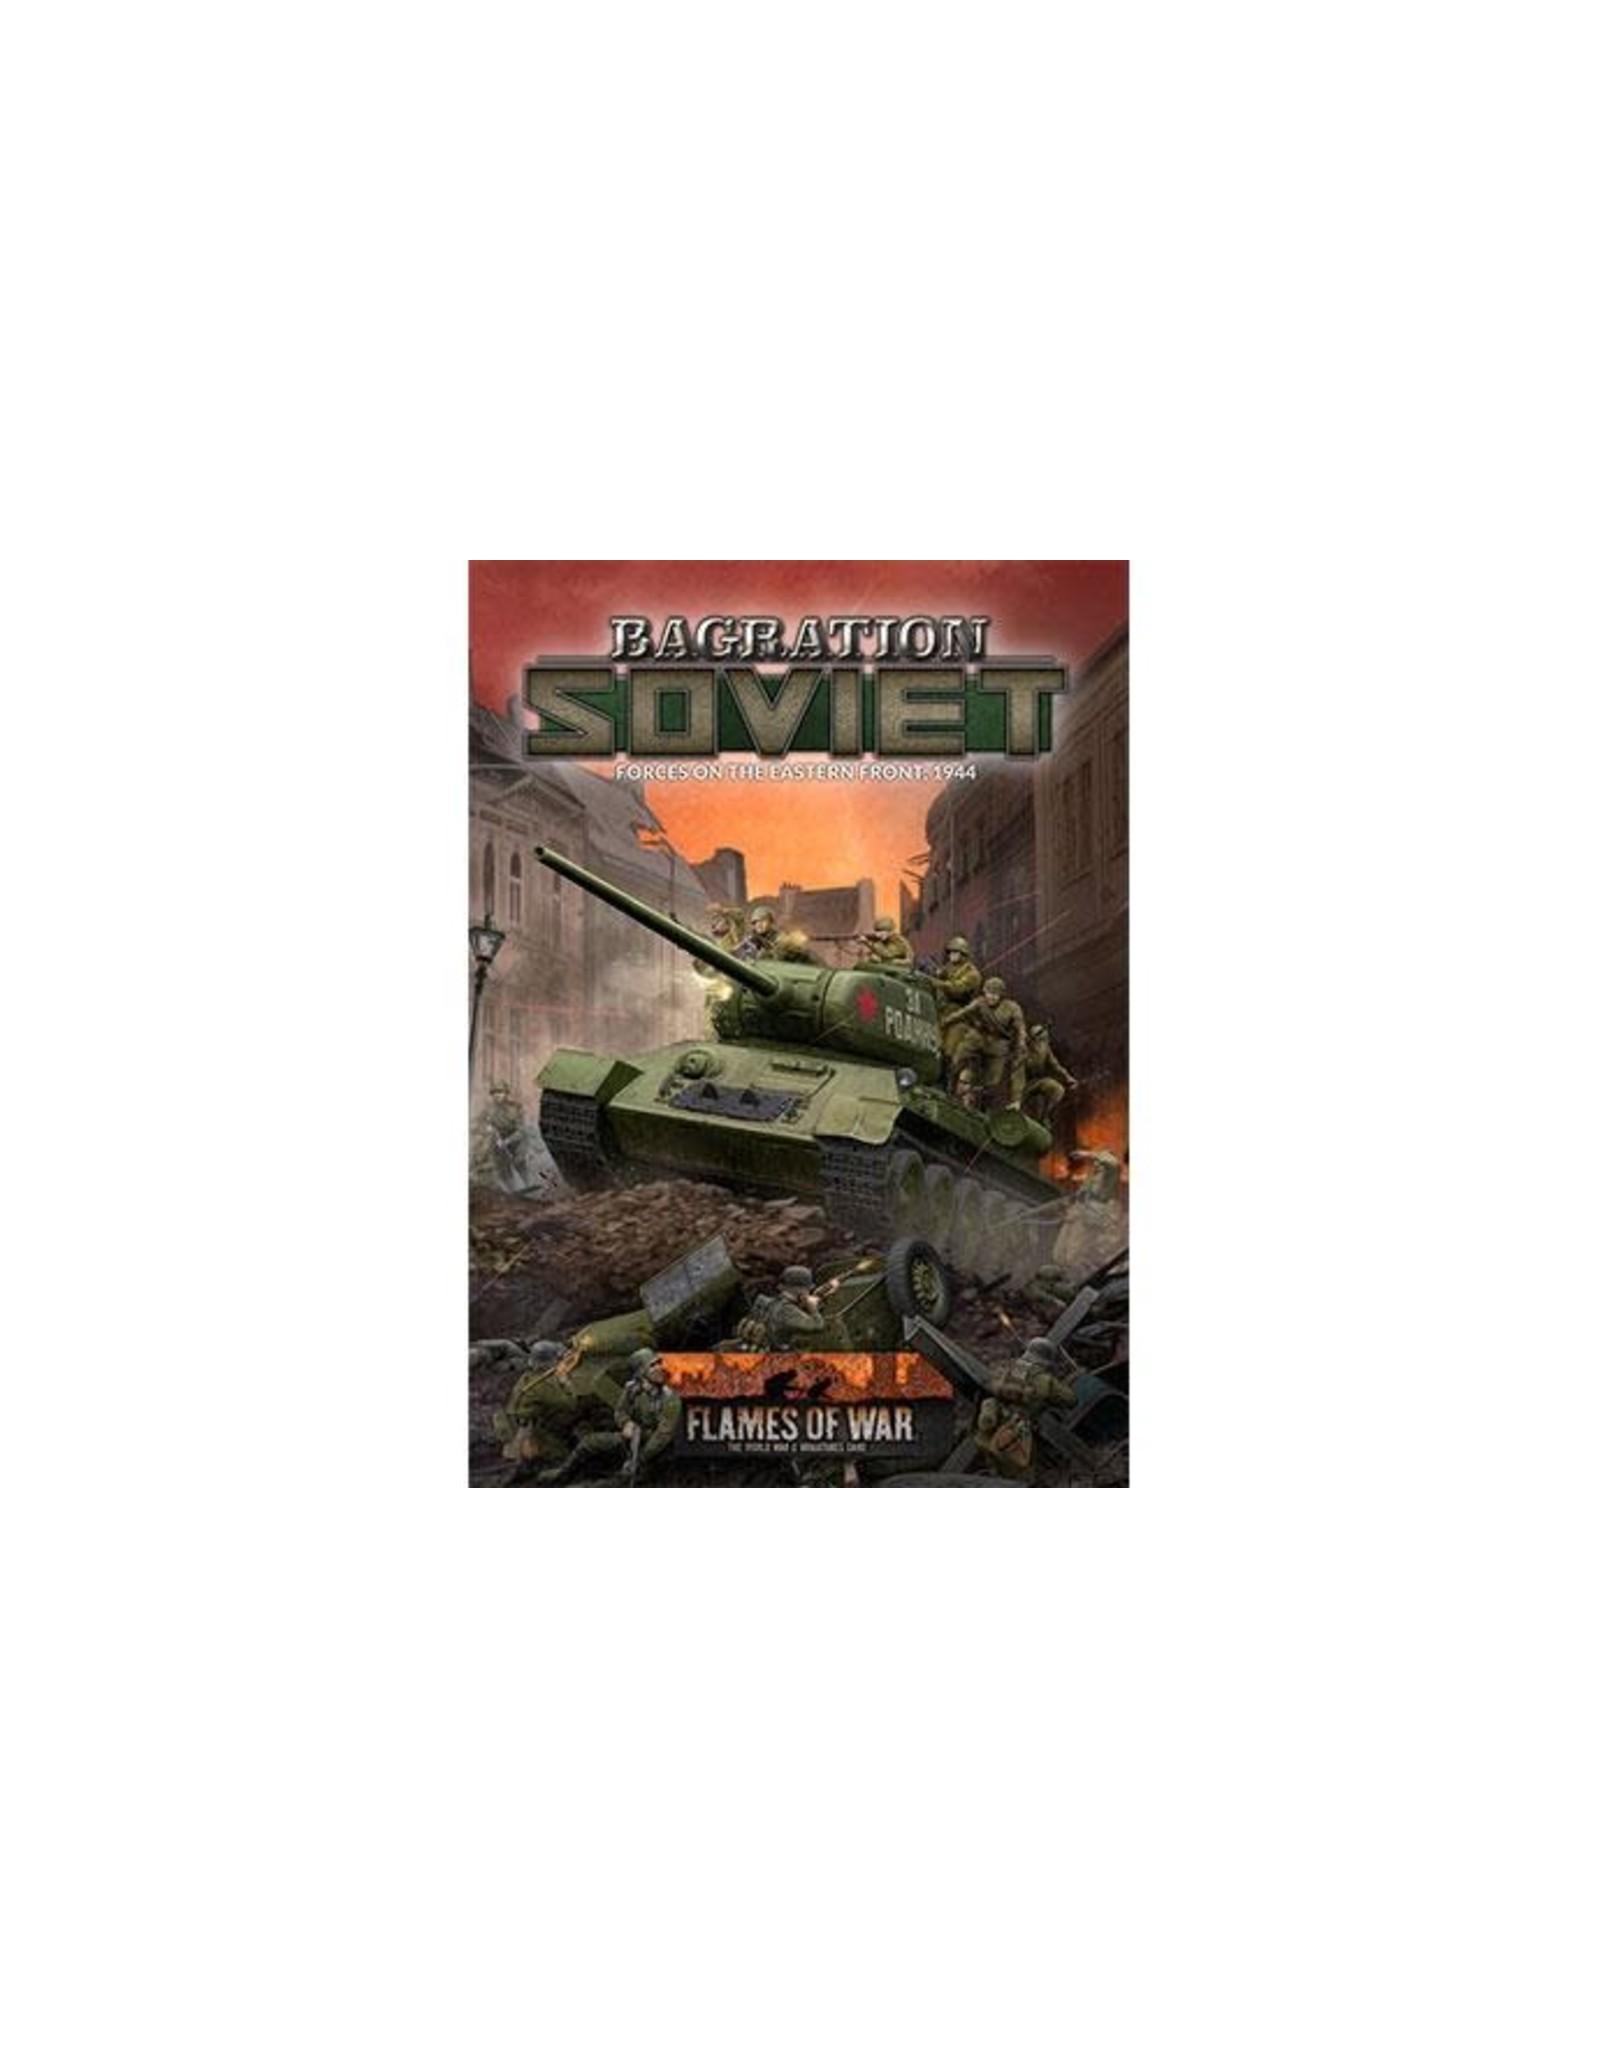 Battlefront Miniatures Bagration: Soviet